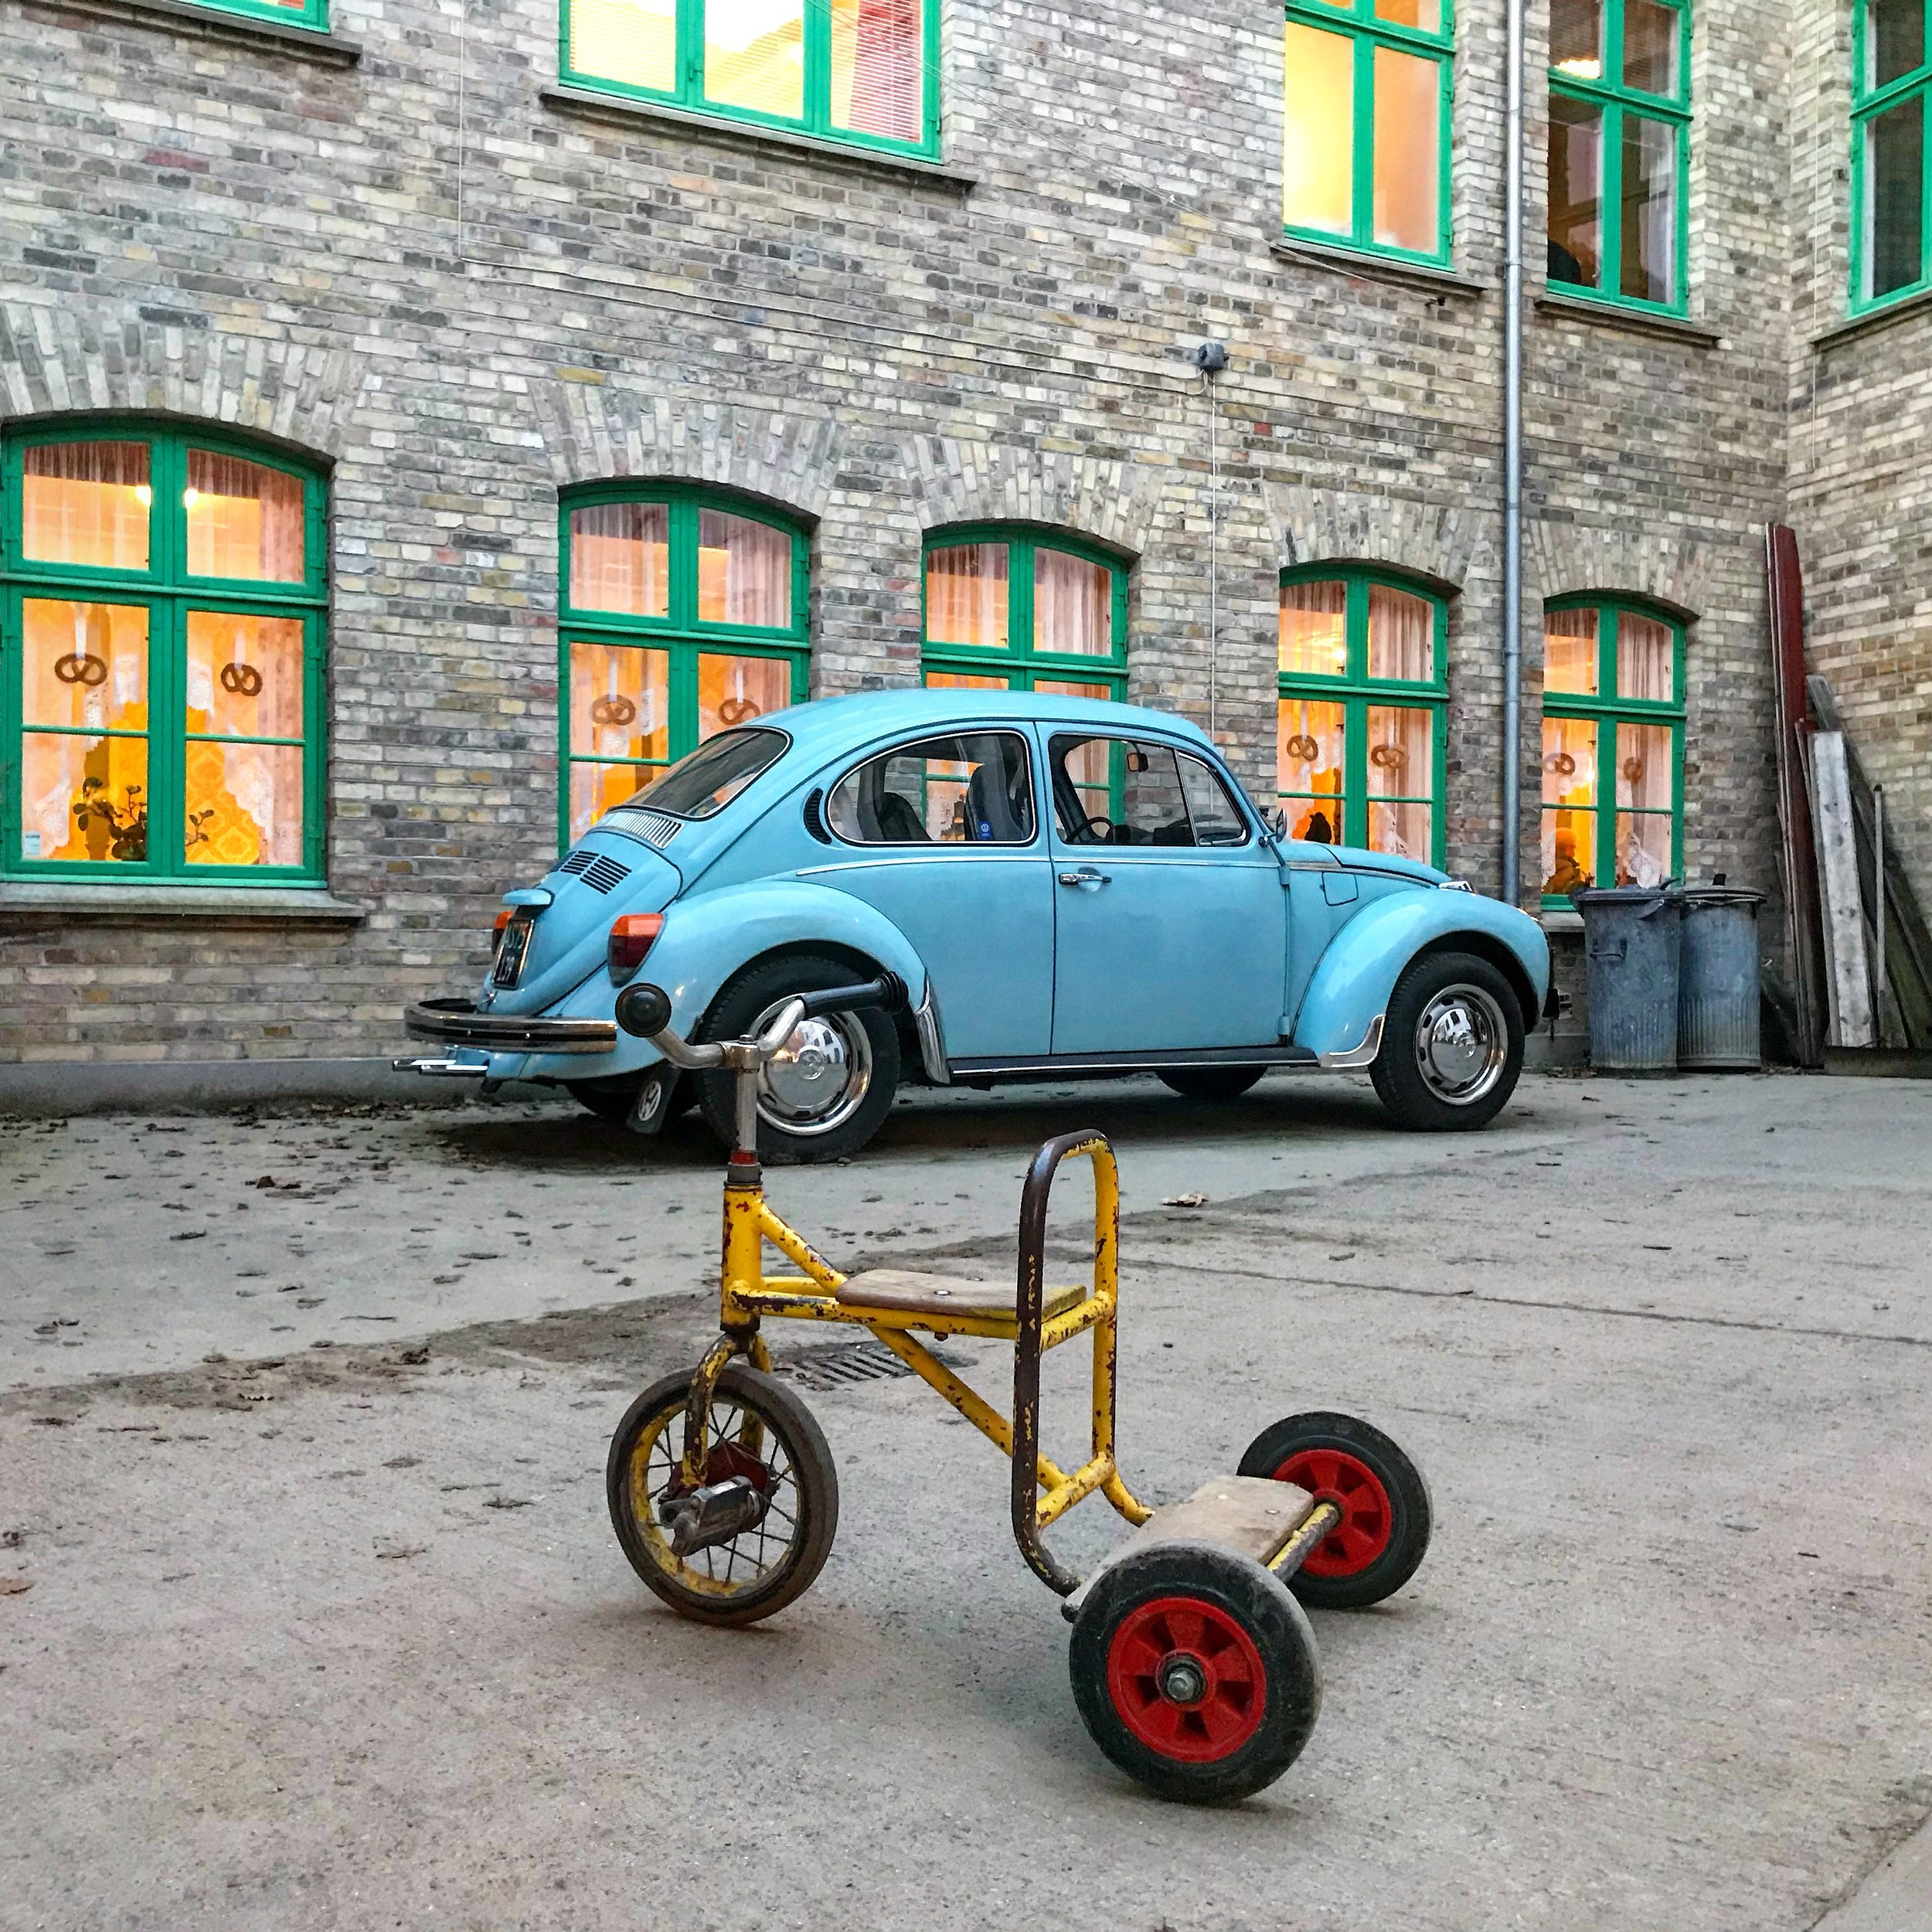 Bli med til Den Gamle By i Århus.                                                         Foto: Odd Roar Lange